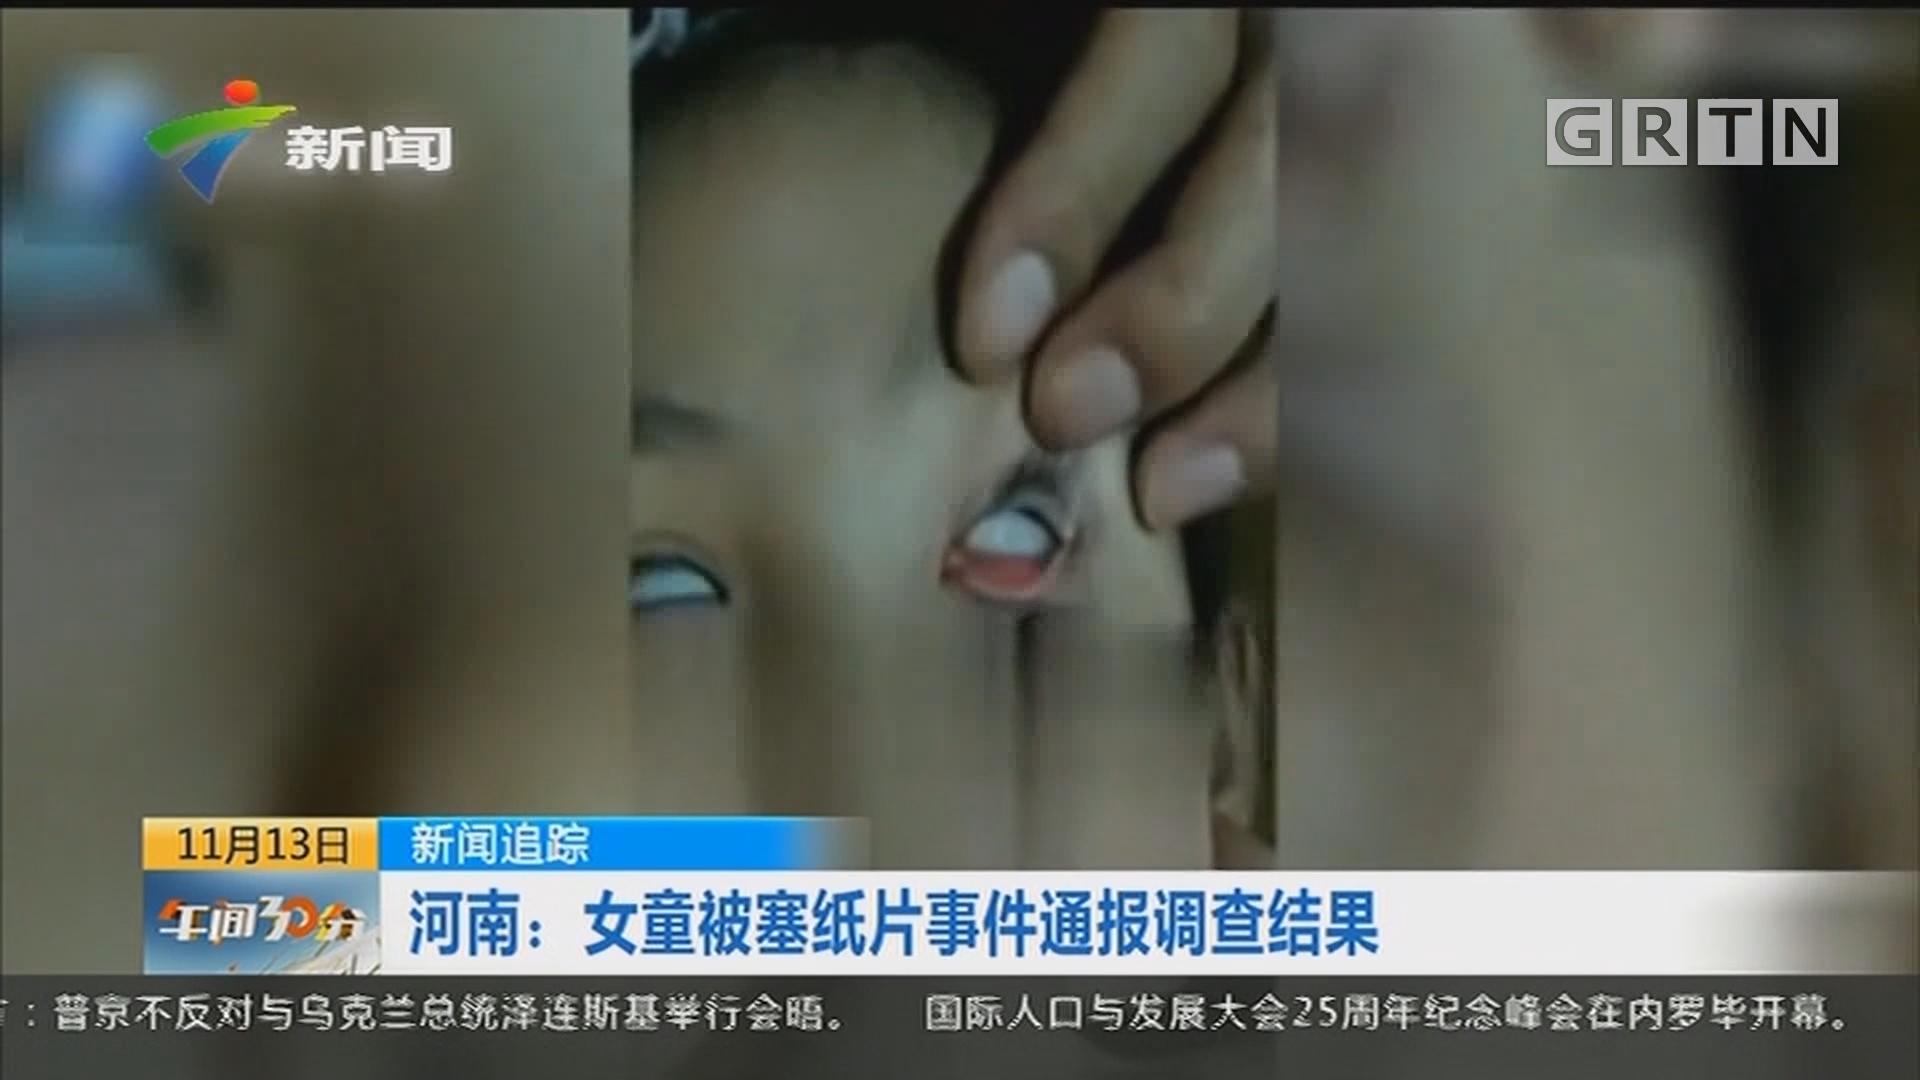 新闻追踪 河南:女童被塞纸片事件通报调查结果